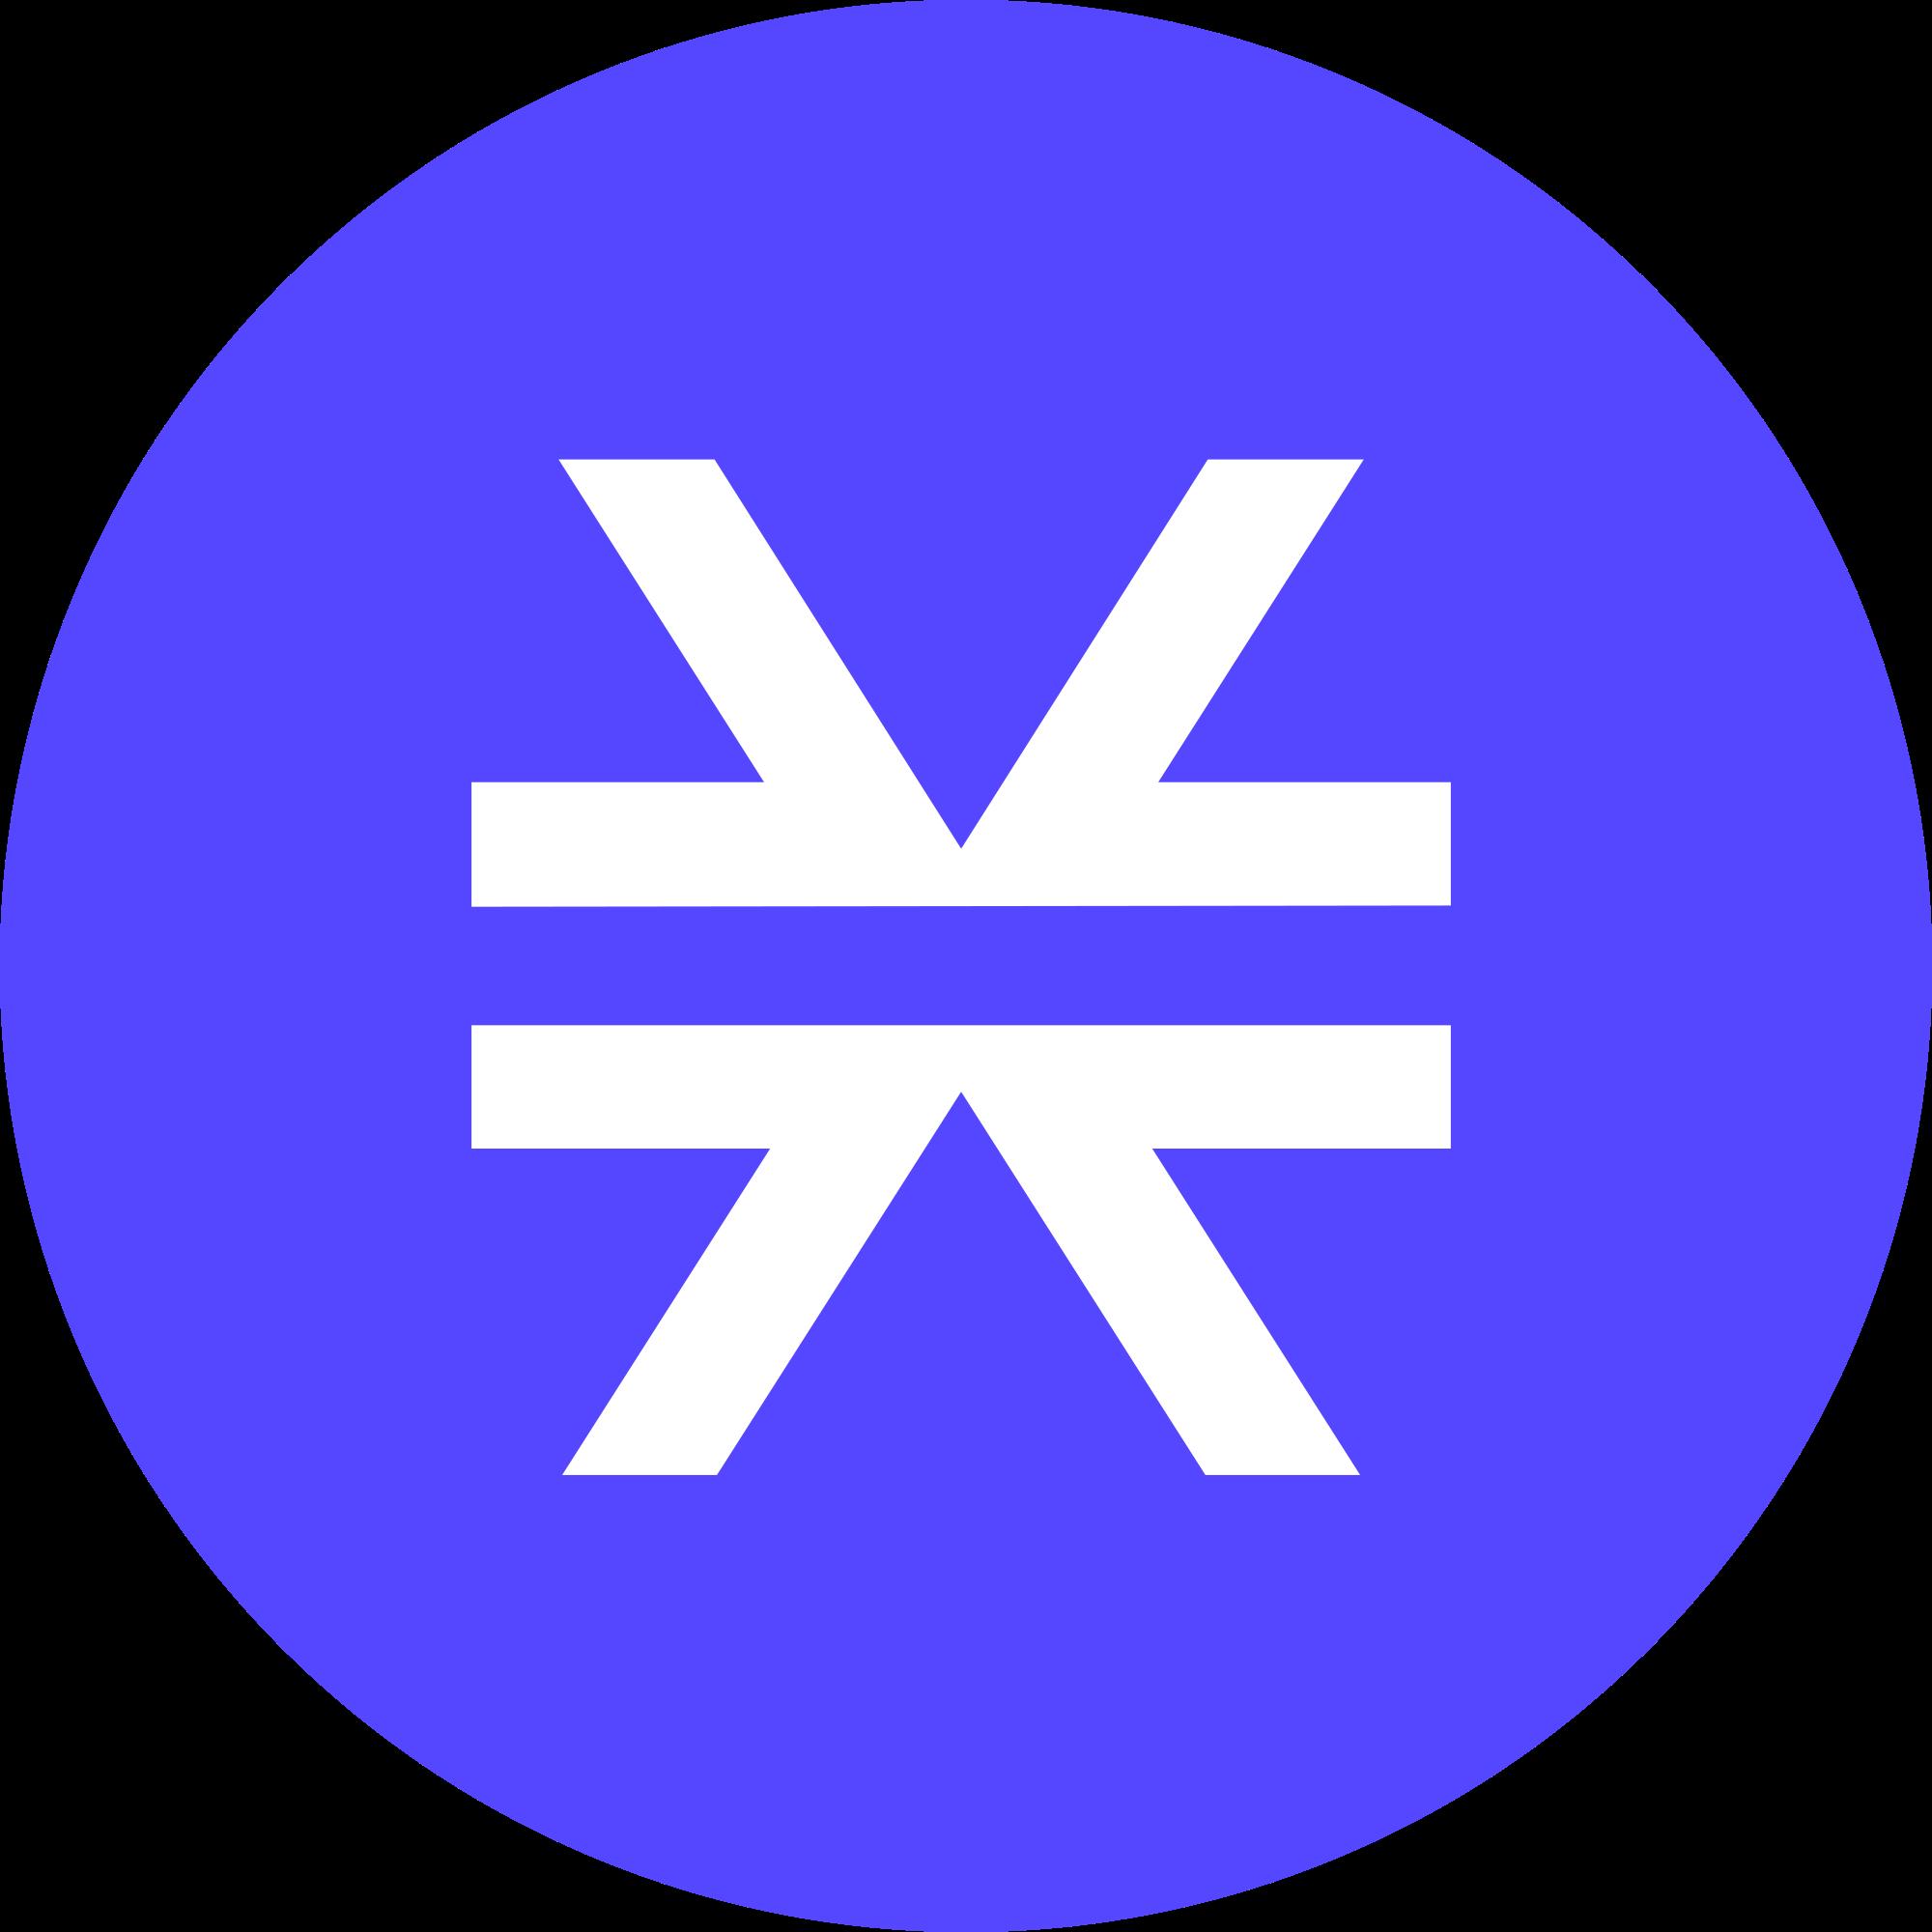 Stacks logo